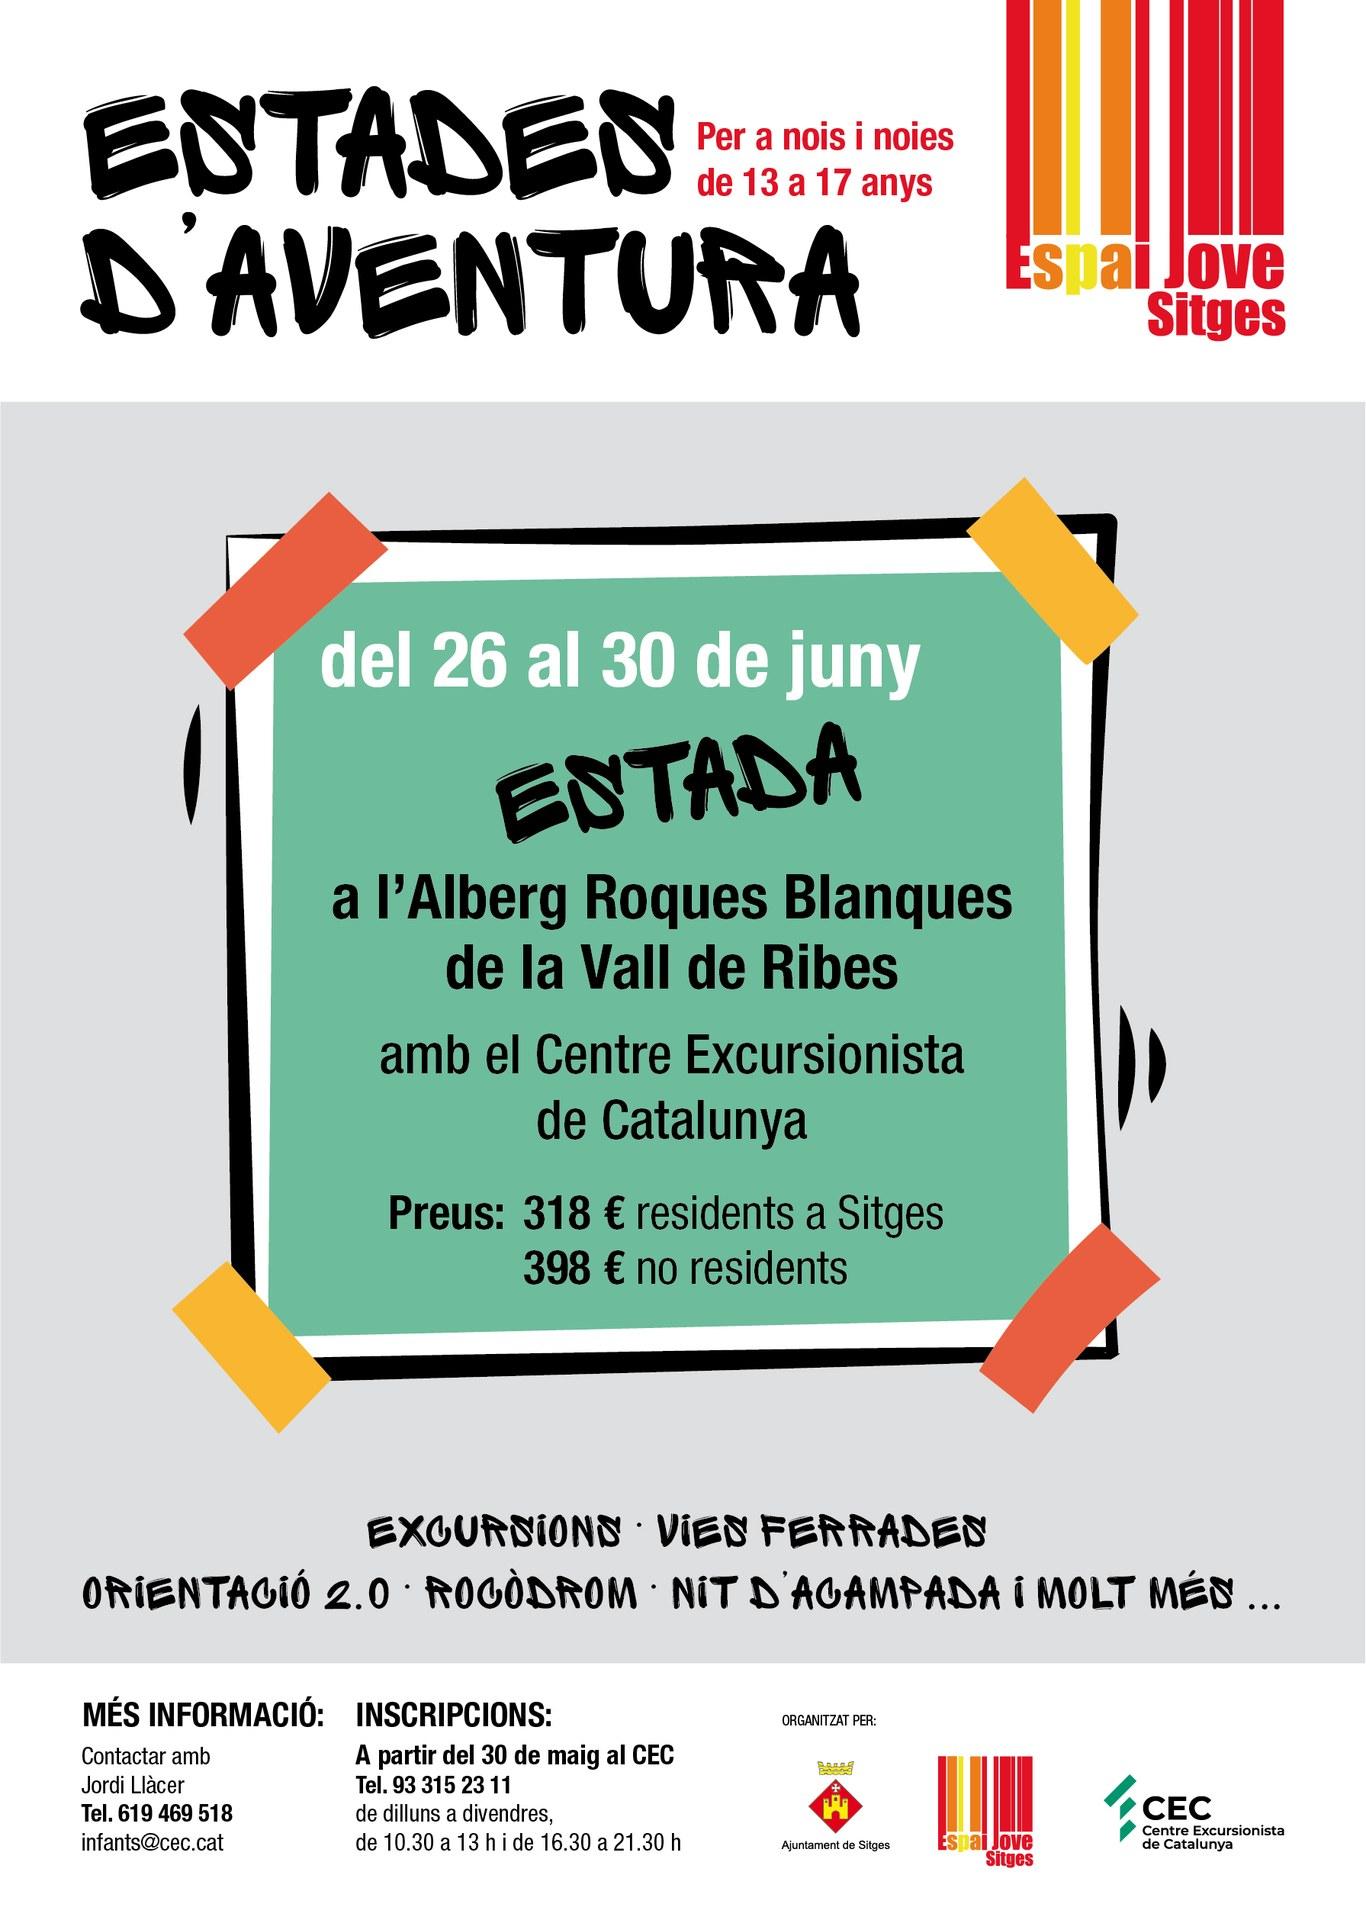 Estades d'Aventura a la Vall de Ribes a l'alberg Roques Blanques de la Vall de Ribes